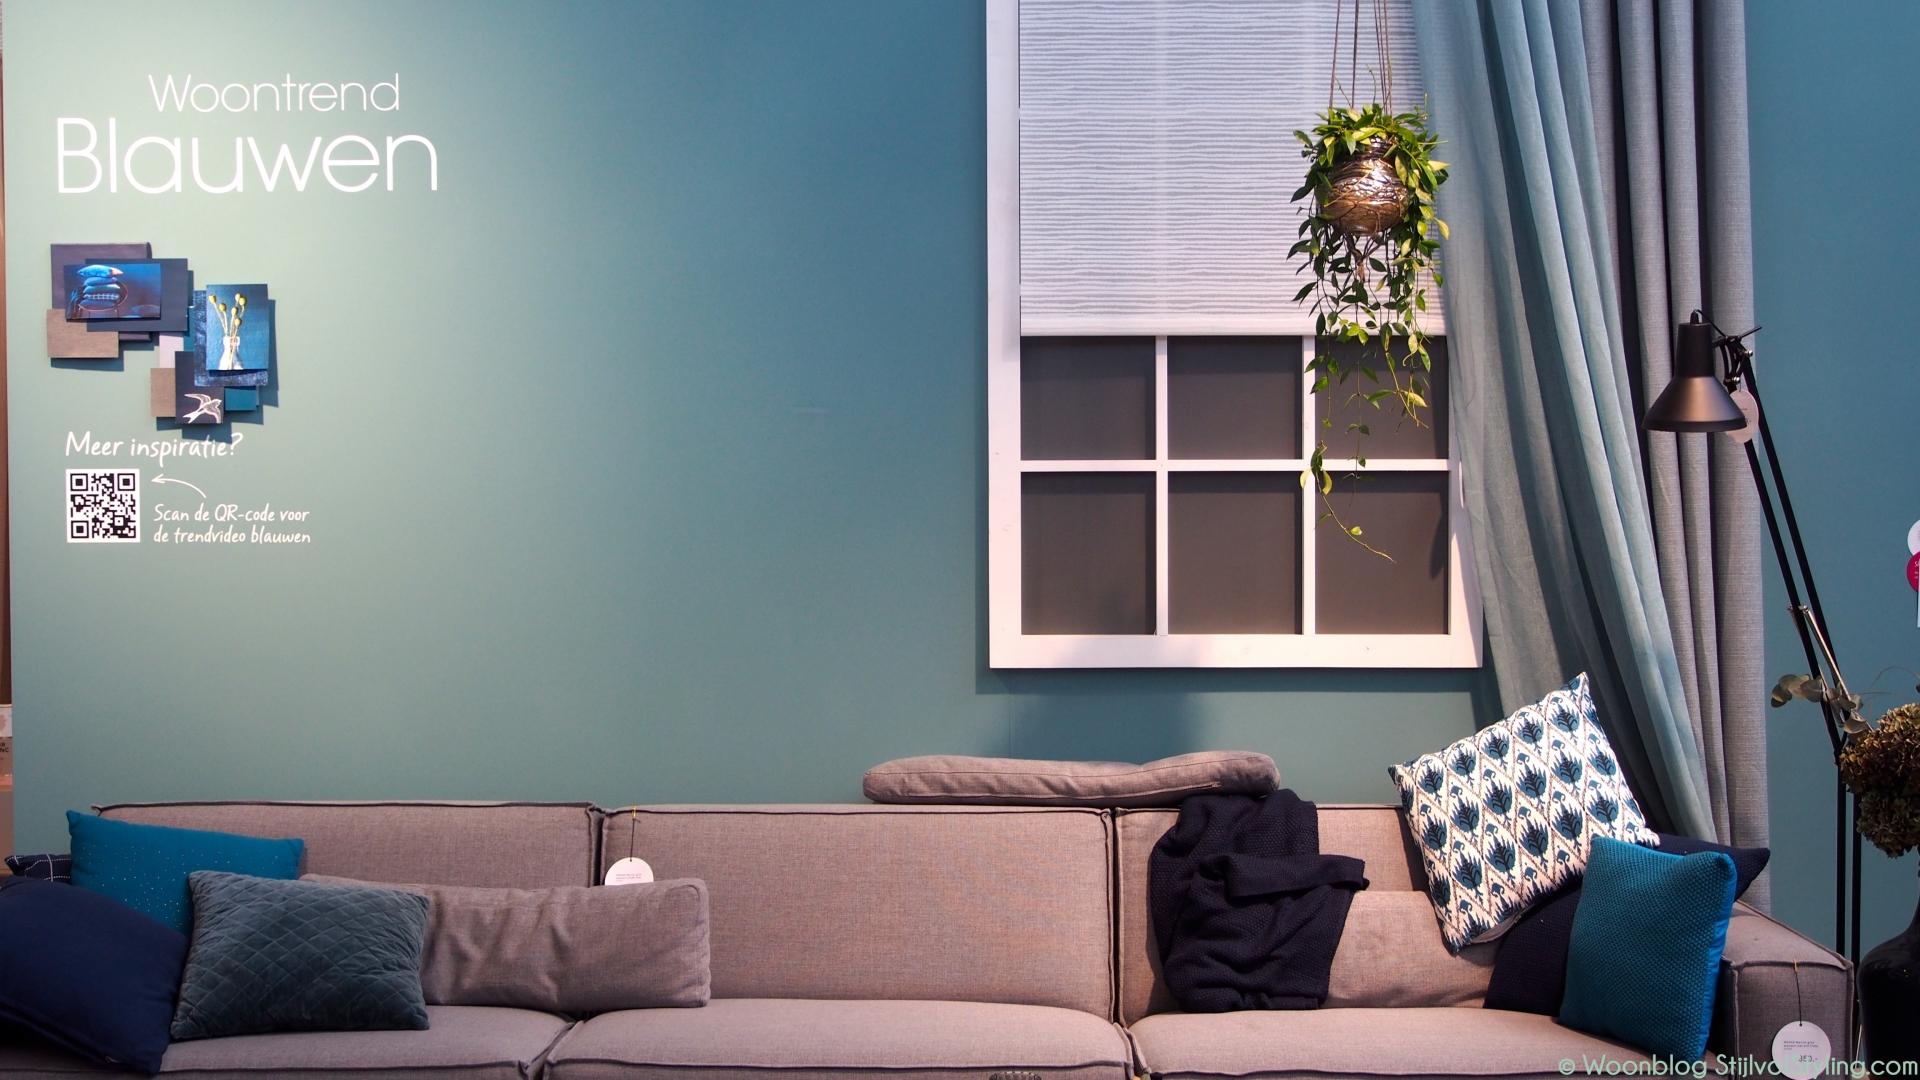 Zeer Interieur | Blue monday? Interieur & kleur inspiratie met blauw &UE89